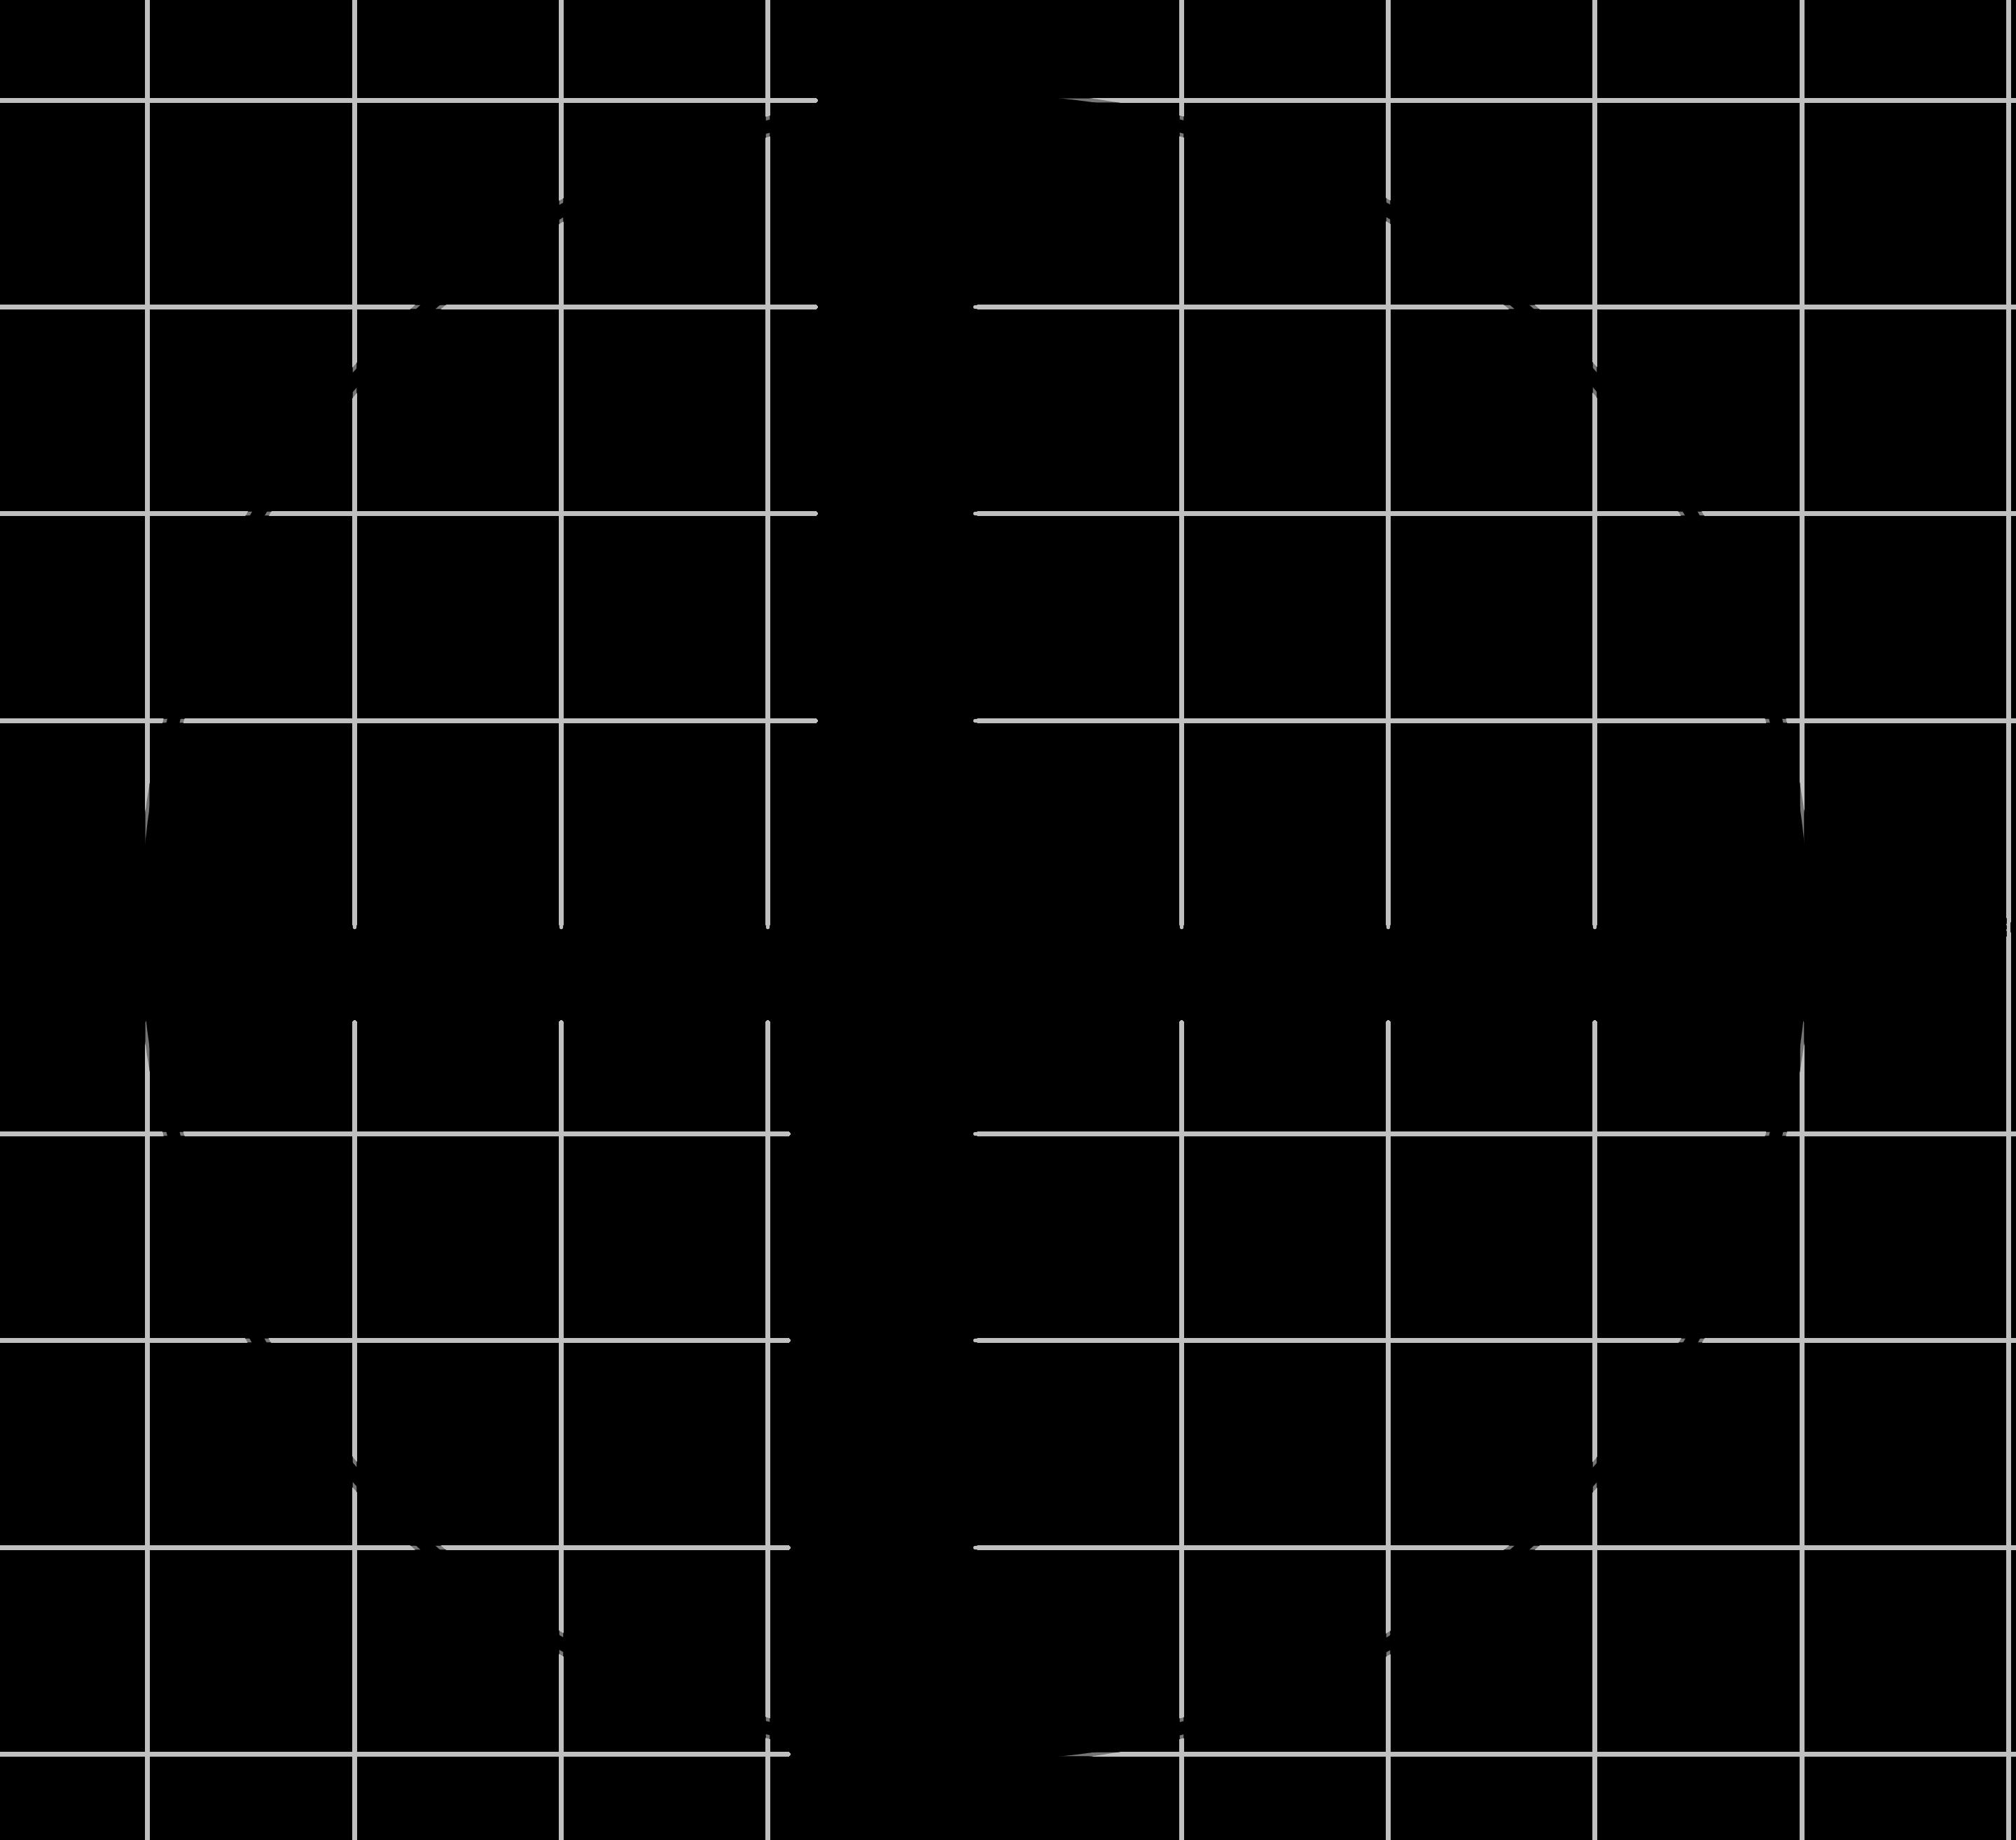 Einheitskreis Einheitskreis